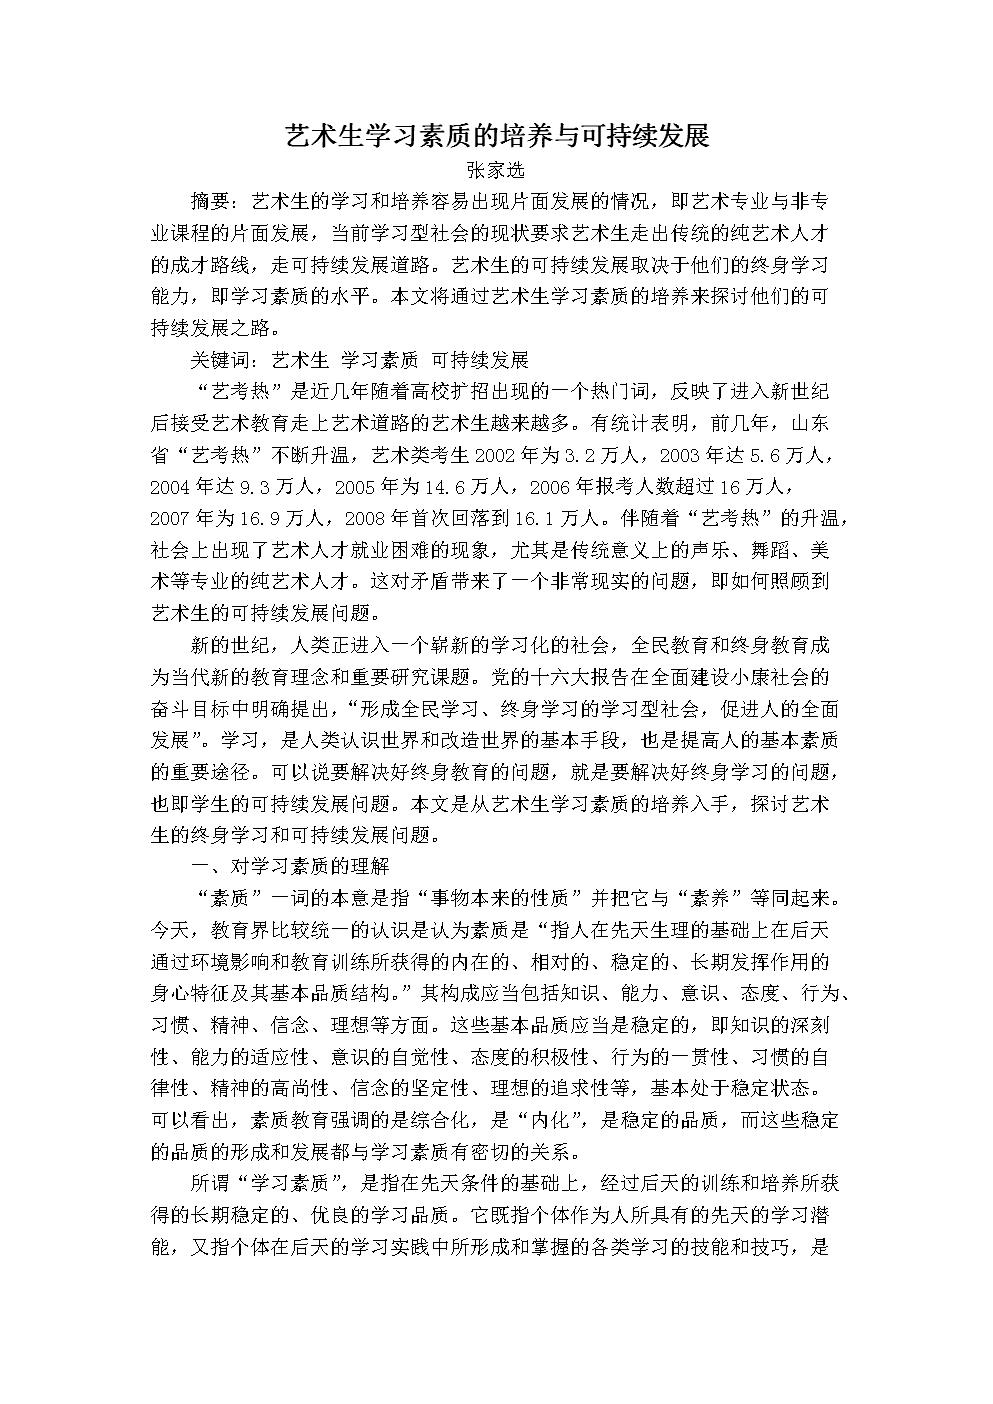 艺术生学习素质的培养与可持续发展(毕业论文).doc